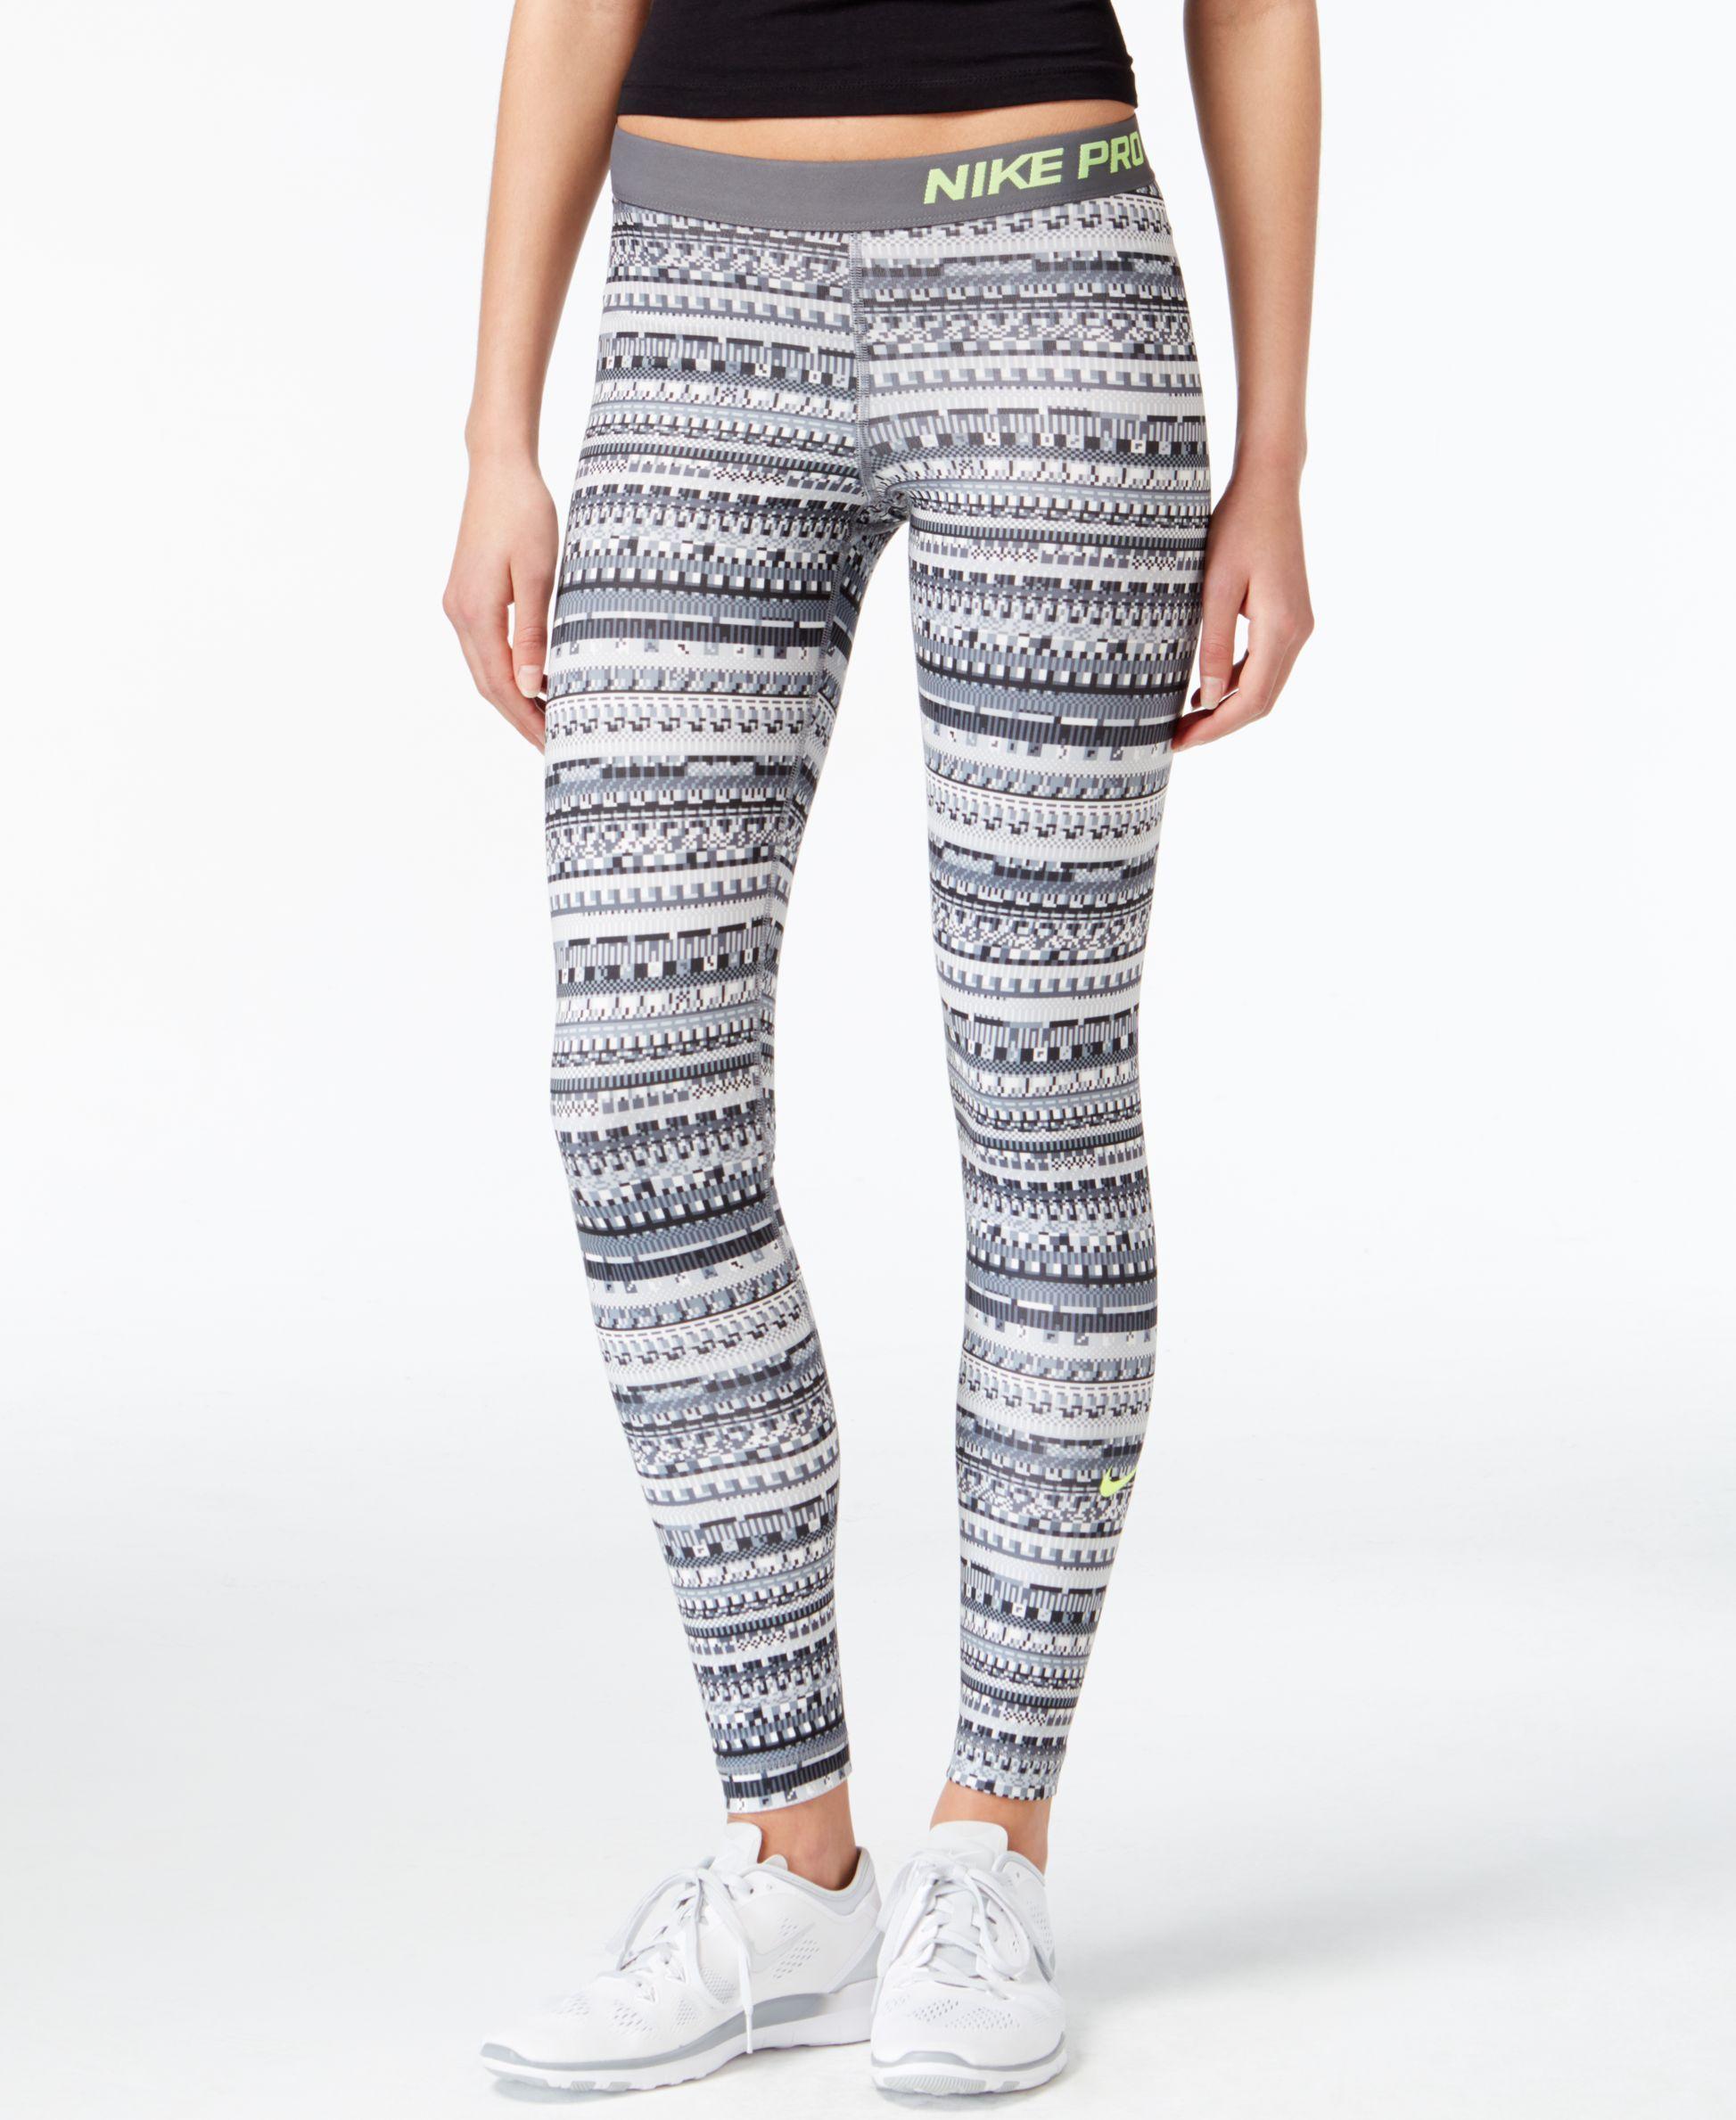 2c7bdc8caf55d Nike Pro Hyperwarm Printed Dri-FIT Leggings & Reviews - Pants & Capris -  Women - Macy's